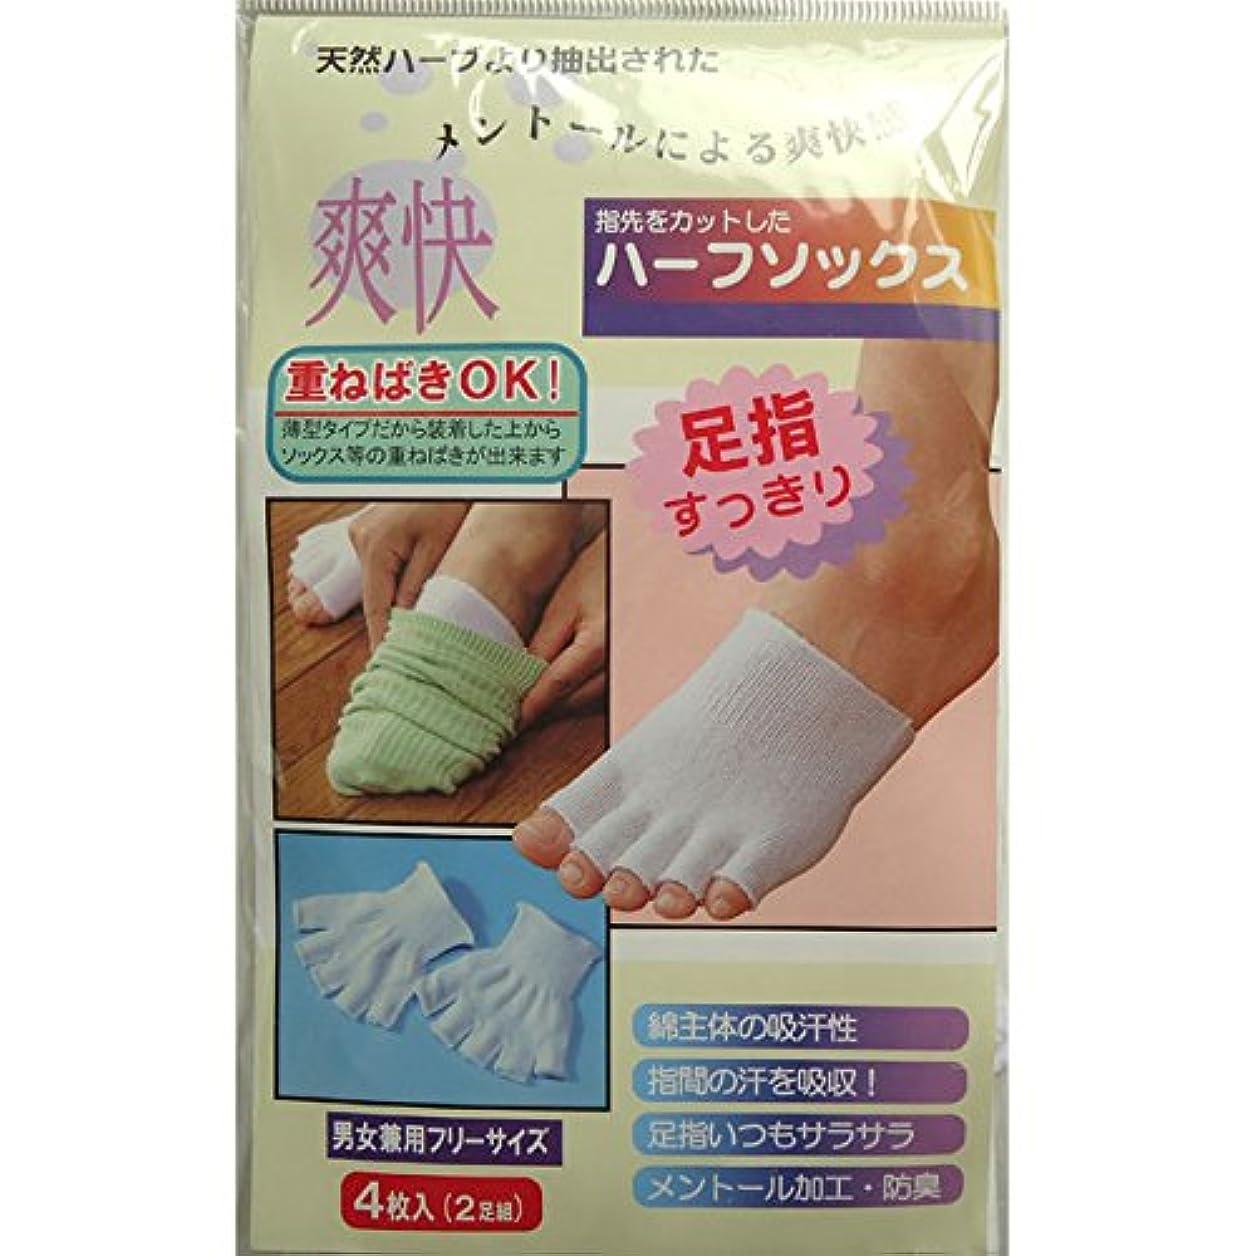 楽しむツール大きなスケールで見ると日本製 ハーフソックス 5本指 綿 抗菌防臭 メンズ レディースお買得2足組(ホワイト)